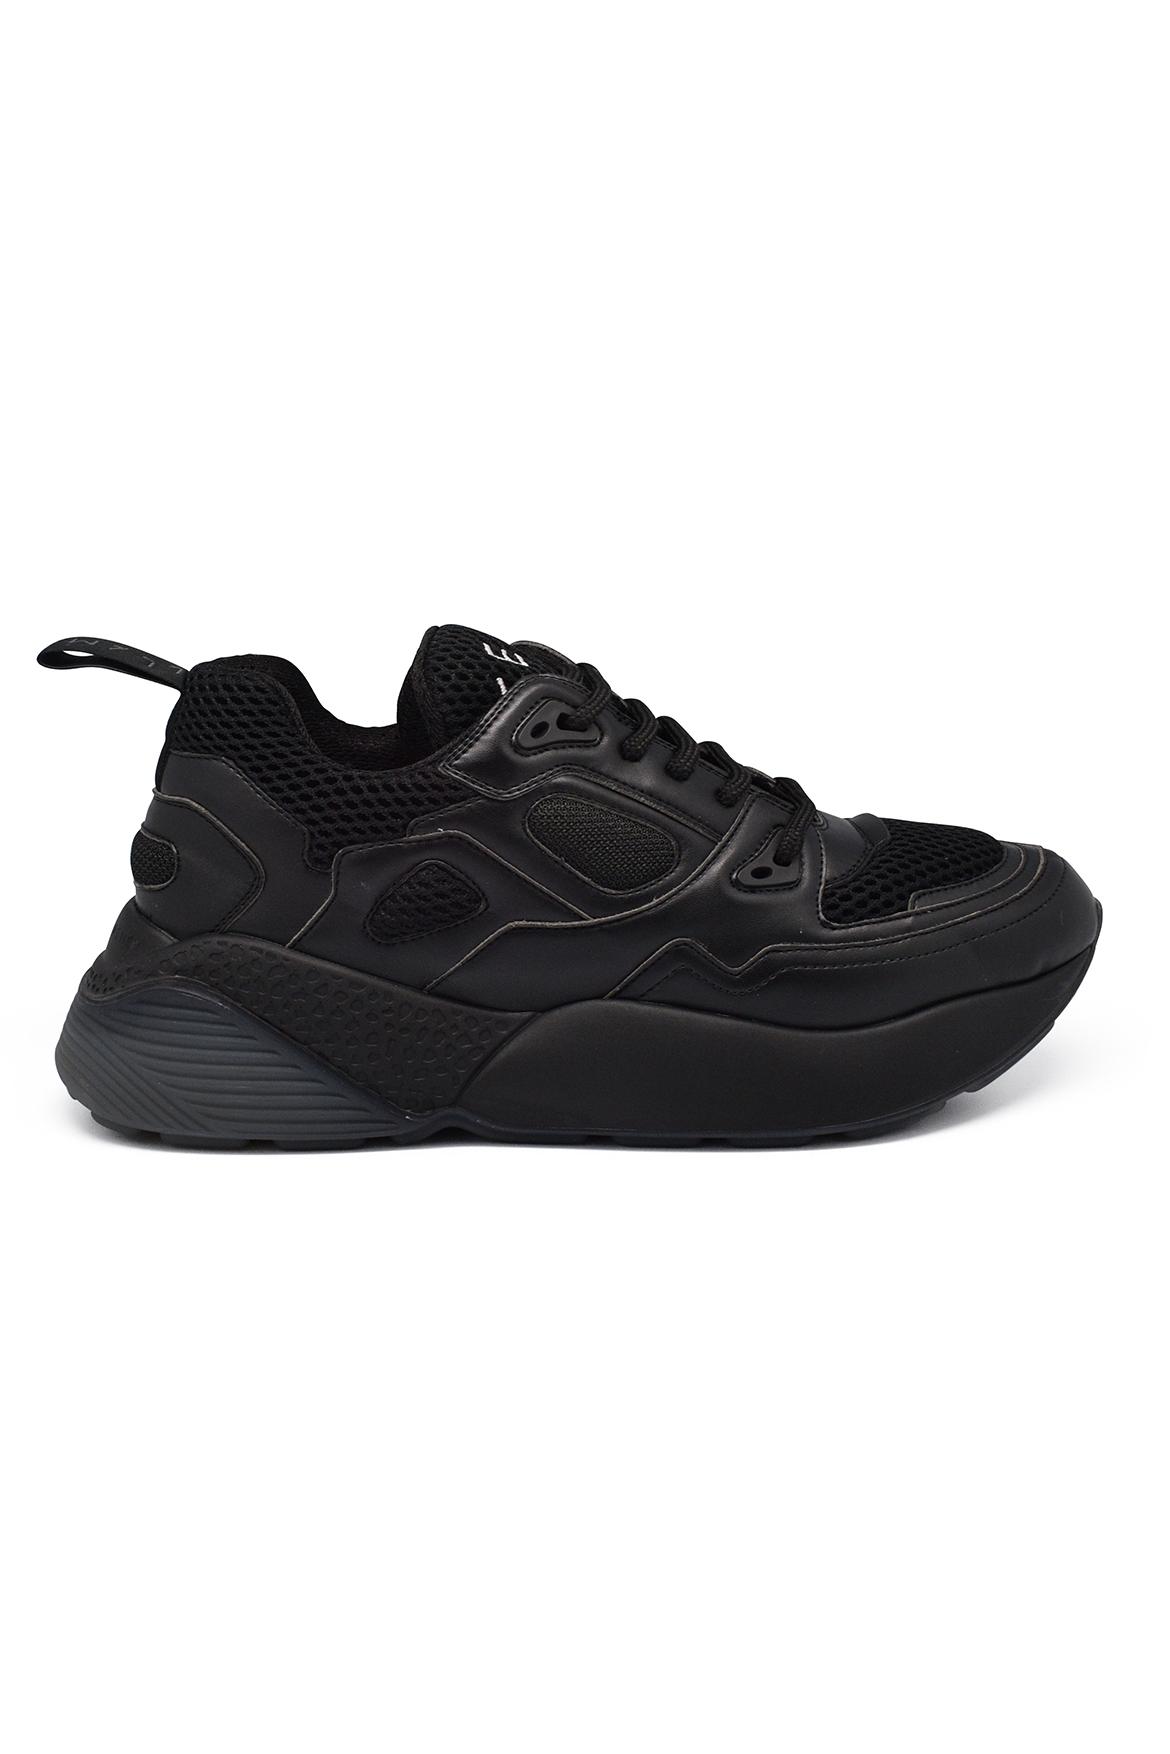 Sneakers Eclypse - Stella McCartney - Modalova